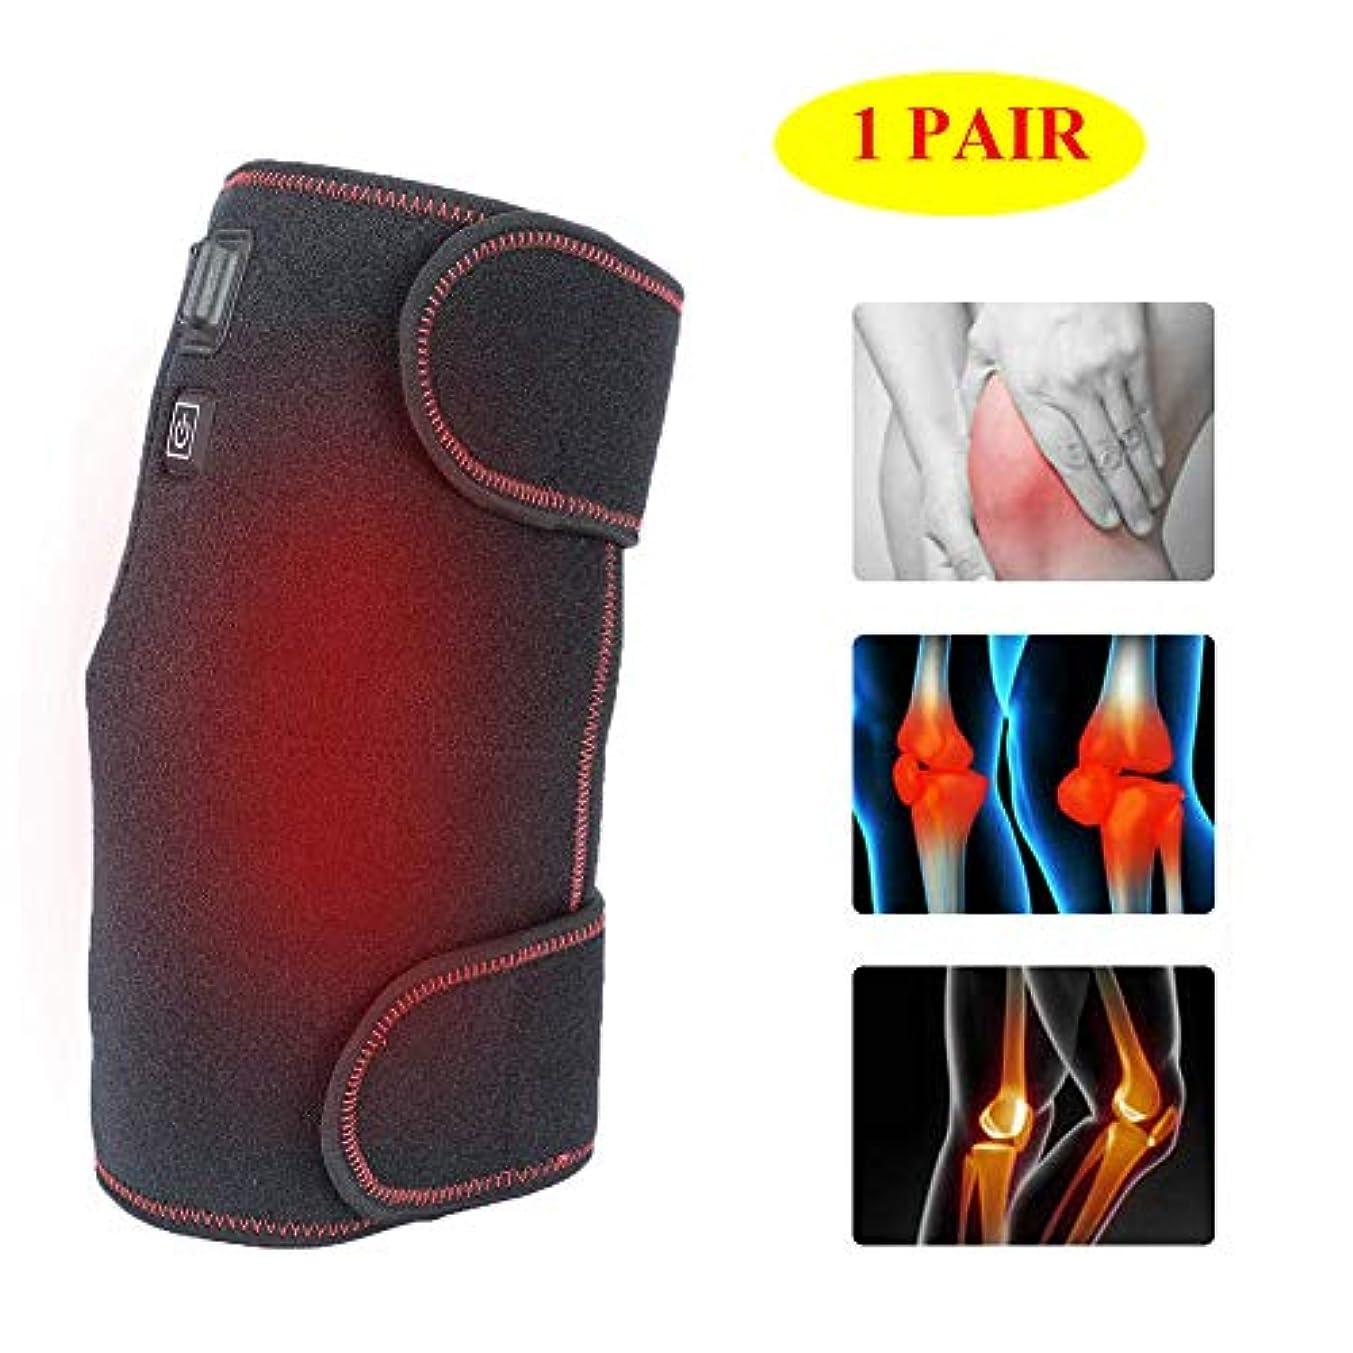 レーニン主義制裁手綱3ファイル温度の膝ブレース1ペアを加熱-膝の怪我のためのUSB充電式治療加熱パッド脚ウォームラップ